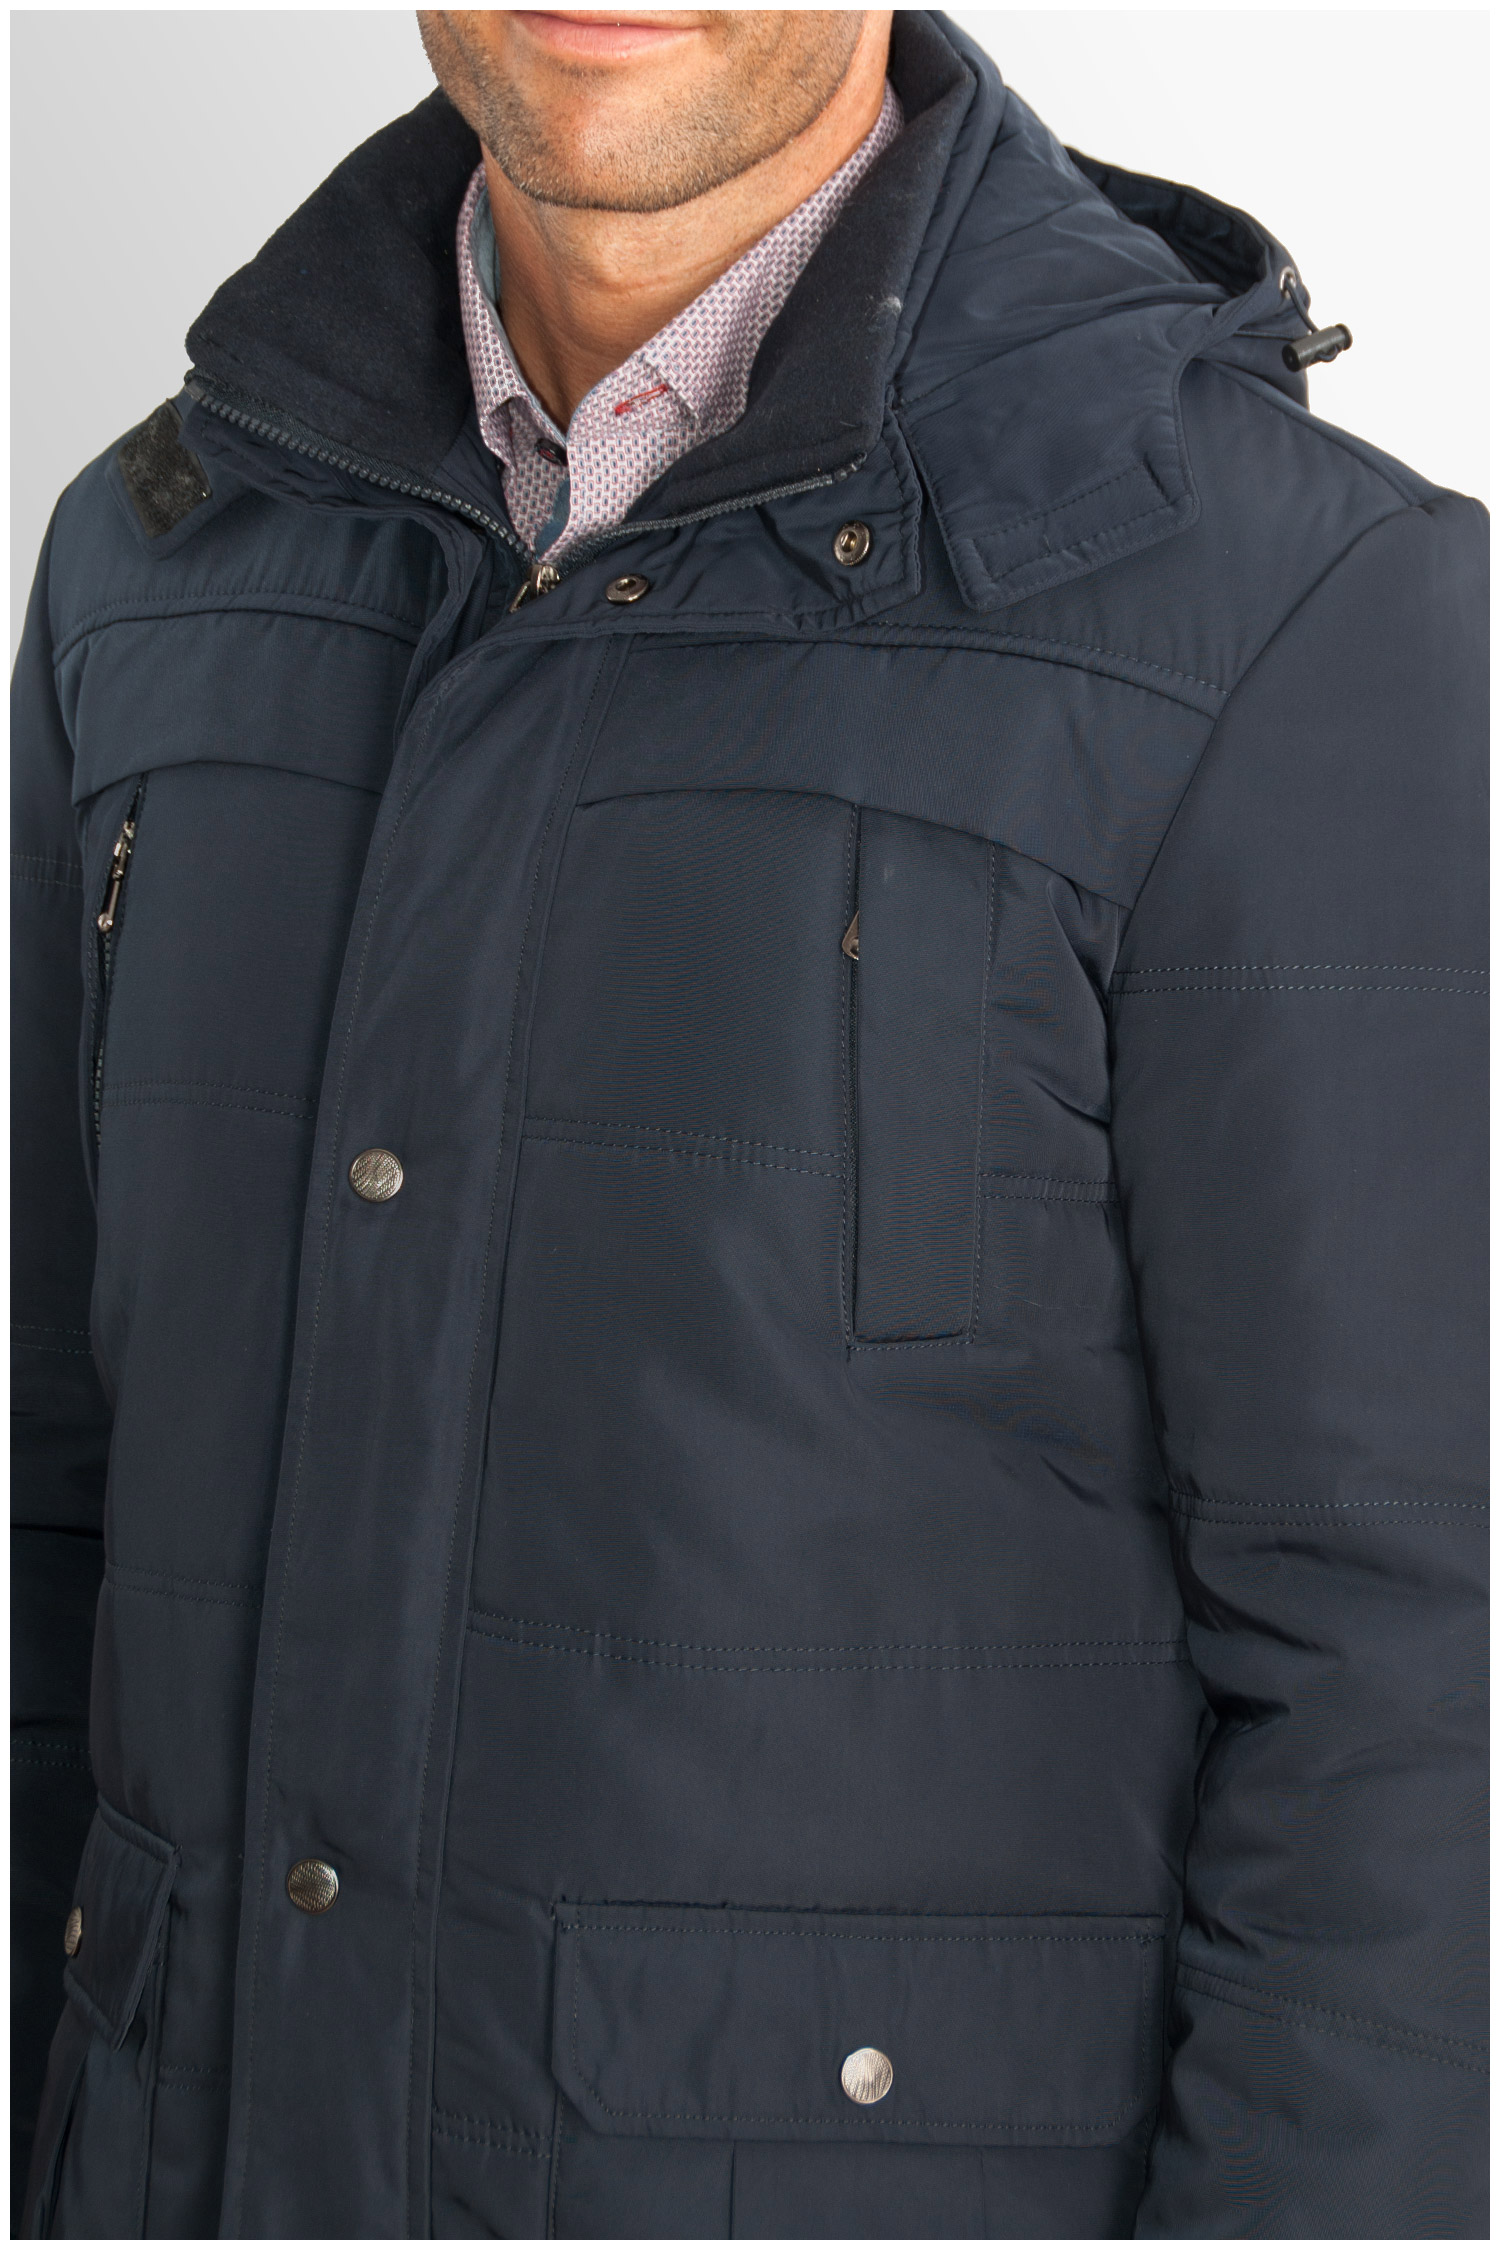 Abrigo, Chaquetones y Piel, 107572, MARINO   Zoom